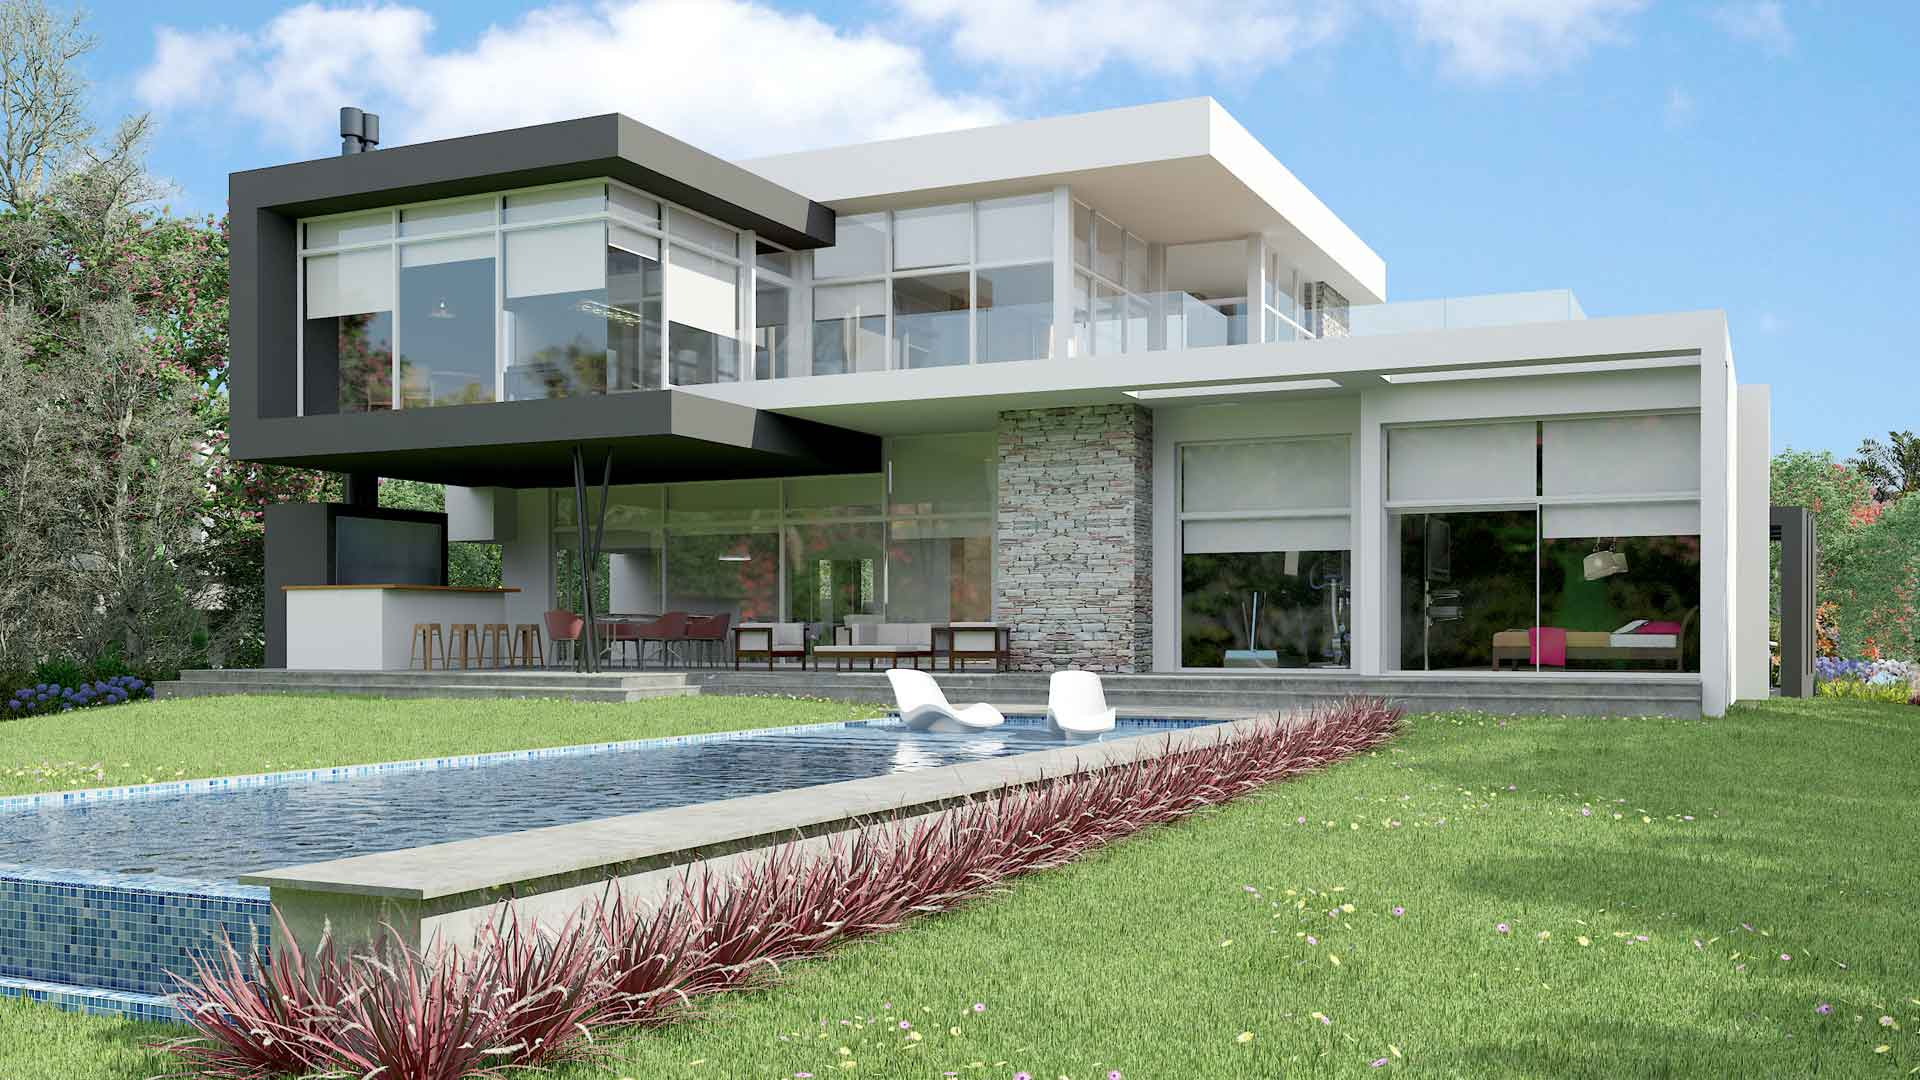 Renders interiores y exteriores de casas viviendas i javier figueroa 3d - Casas exteriores ...